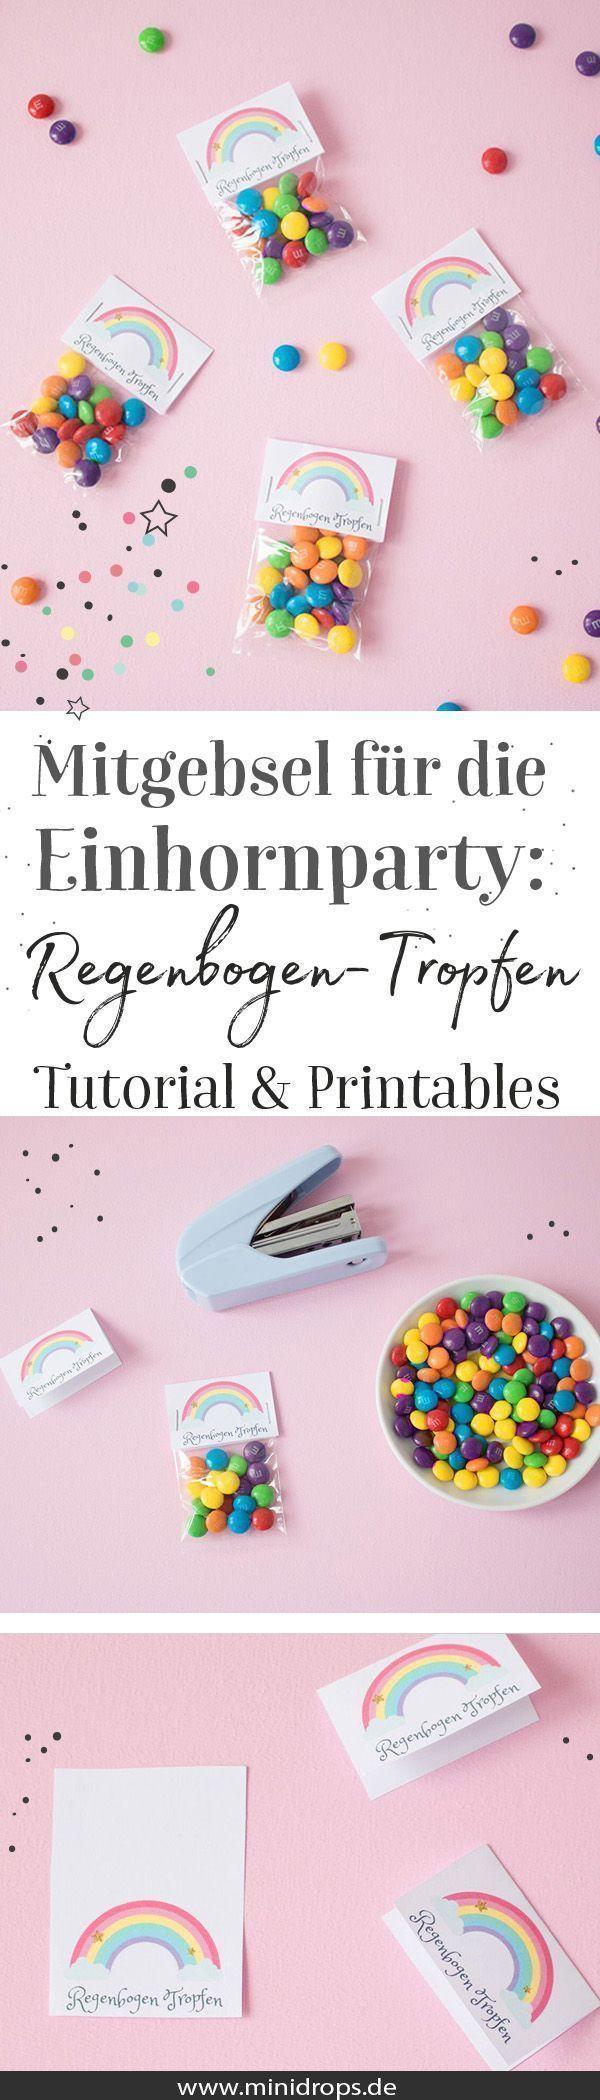 So feierst du eine trendige Einhornparty + Einhorn Printables • Minidrops